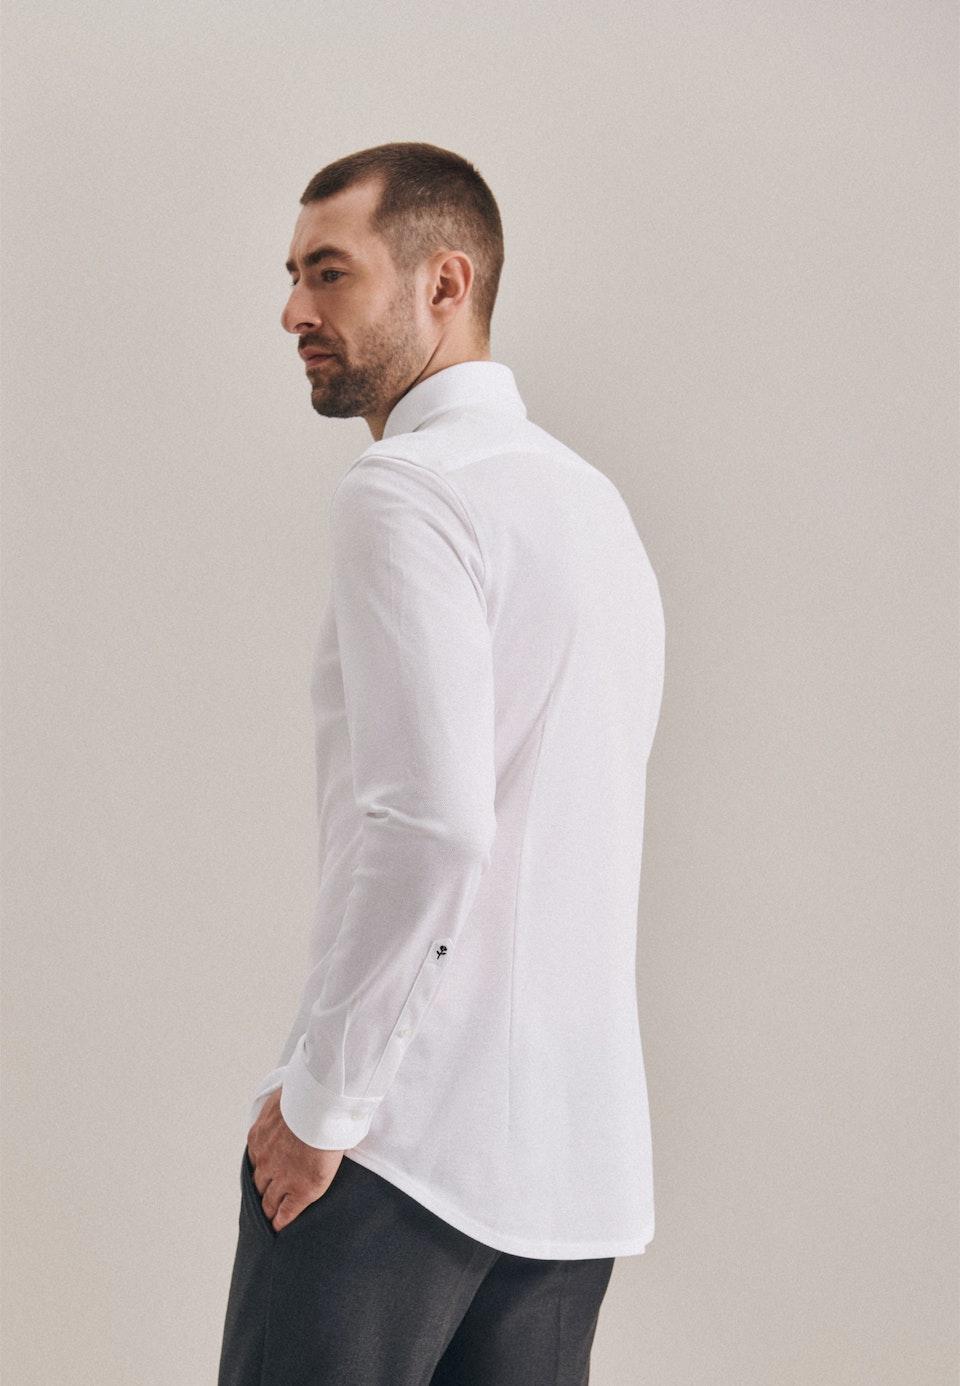 Jersey Business Shirt in Slim with Kent-Collar in White |  Seidensticker Onlineshop